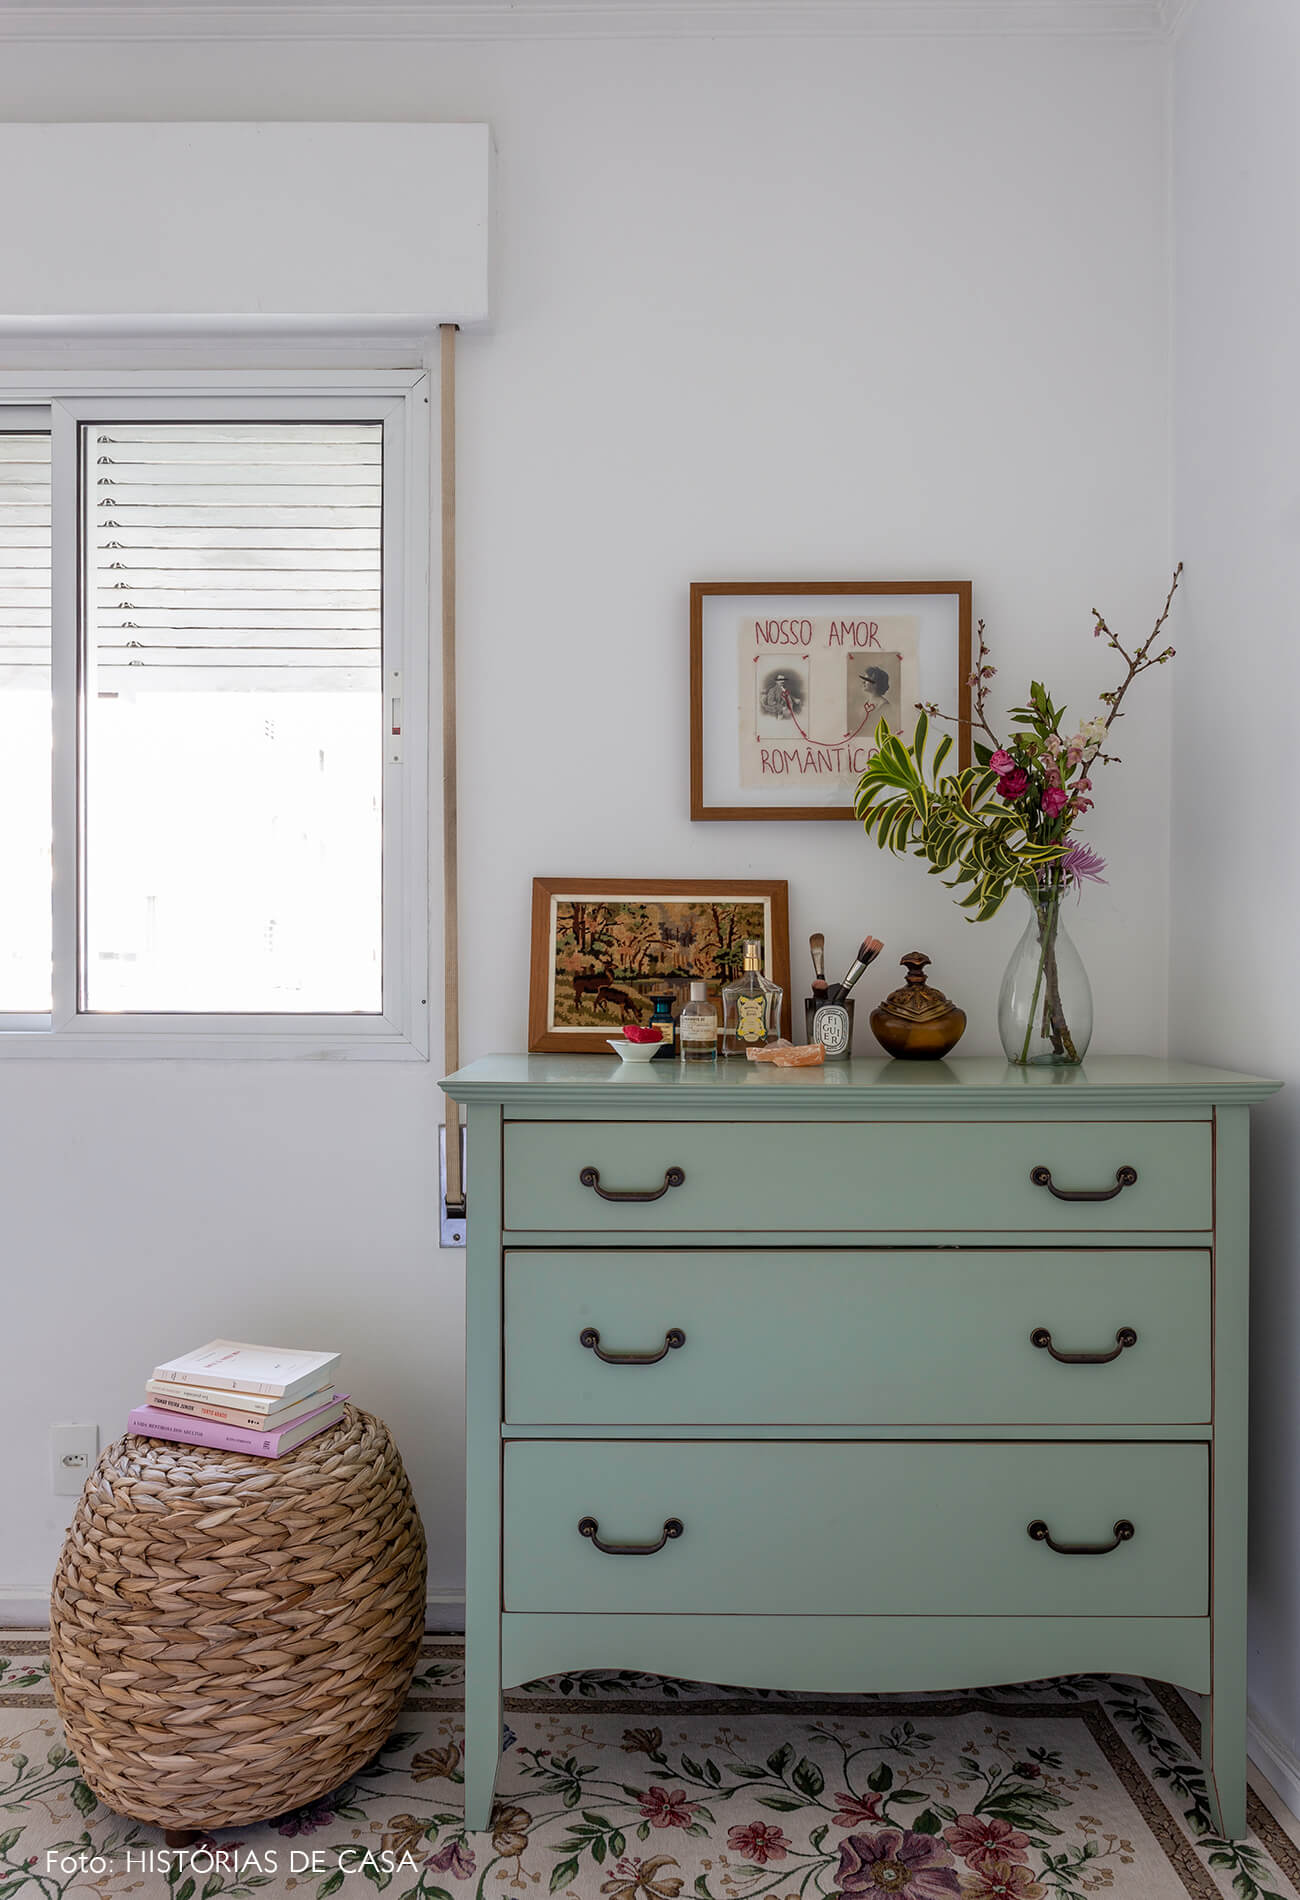 Apartamento alugado com ambientes integrados e muitos objetos vintage para uma decoração com personalidade